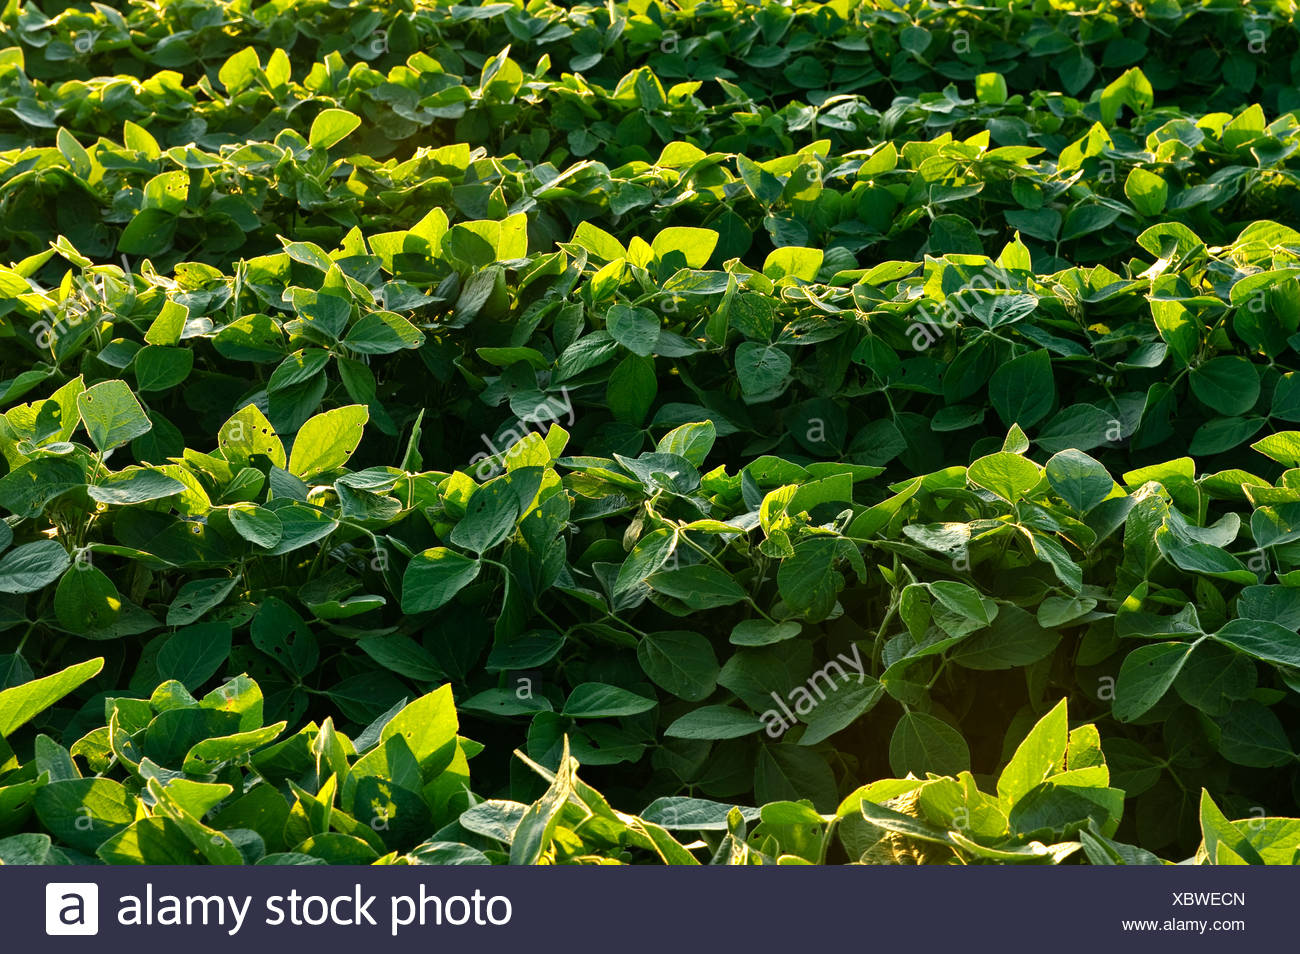 Agricultura - Filas de sano crecimiento medio de soya en la tarde / luz de Iowa, EE.UU. Foto de stock